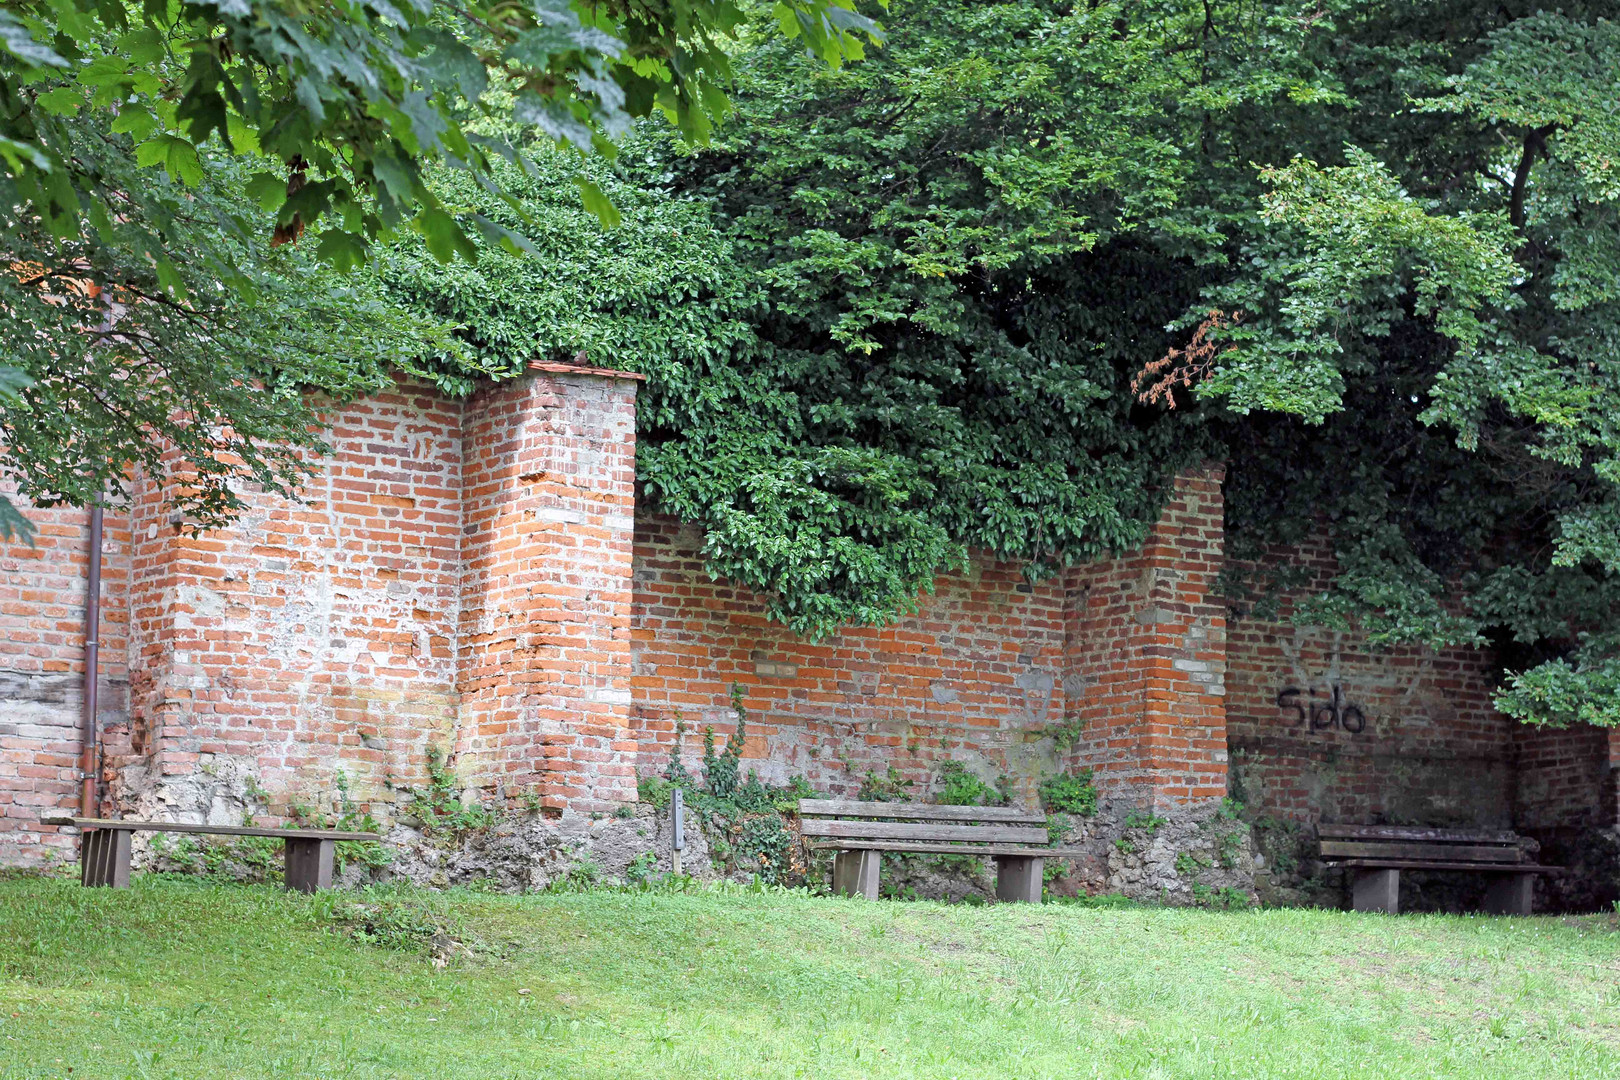 Teil der Stadtmauer in Memmingen von der Innenansicht